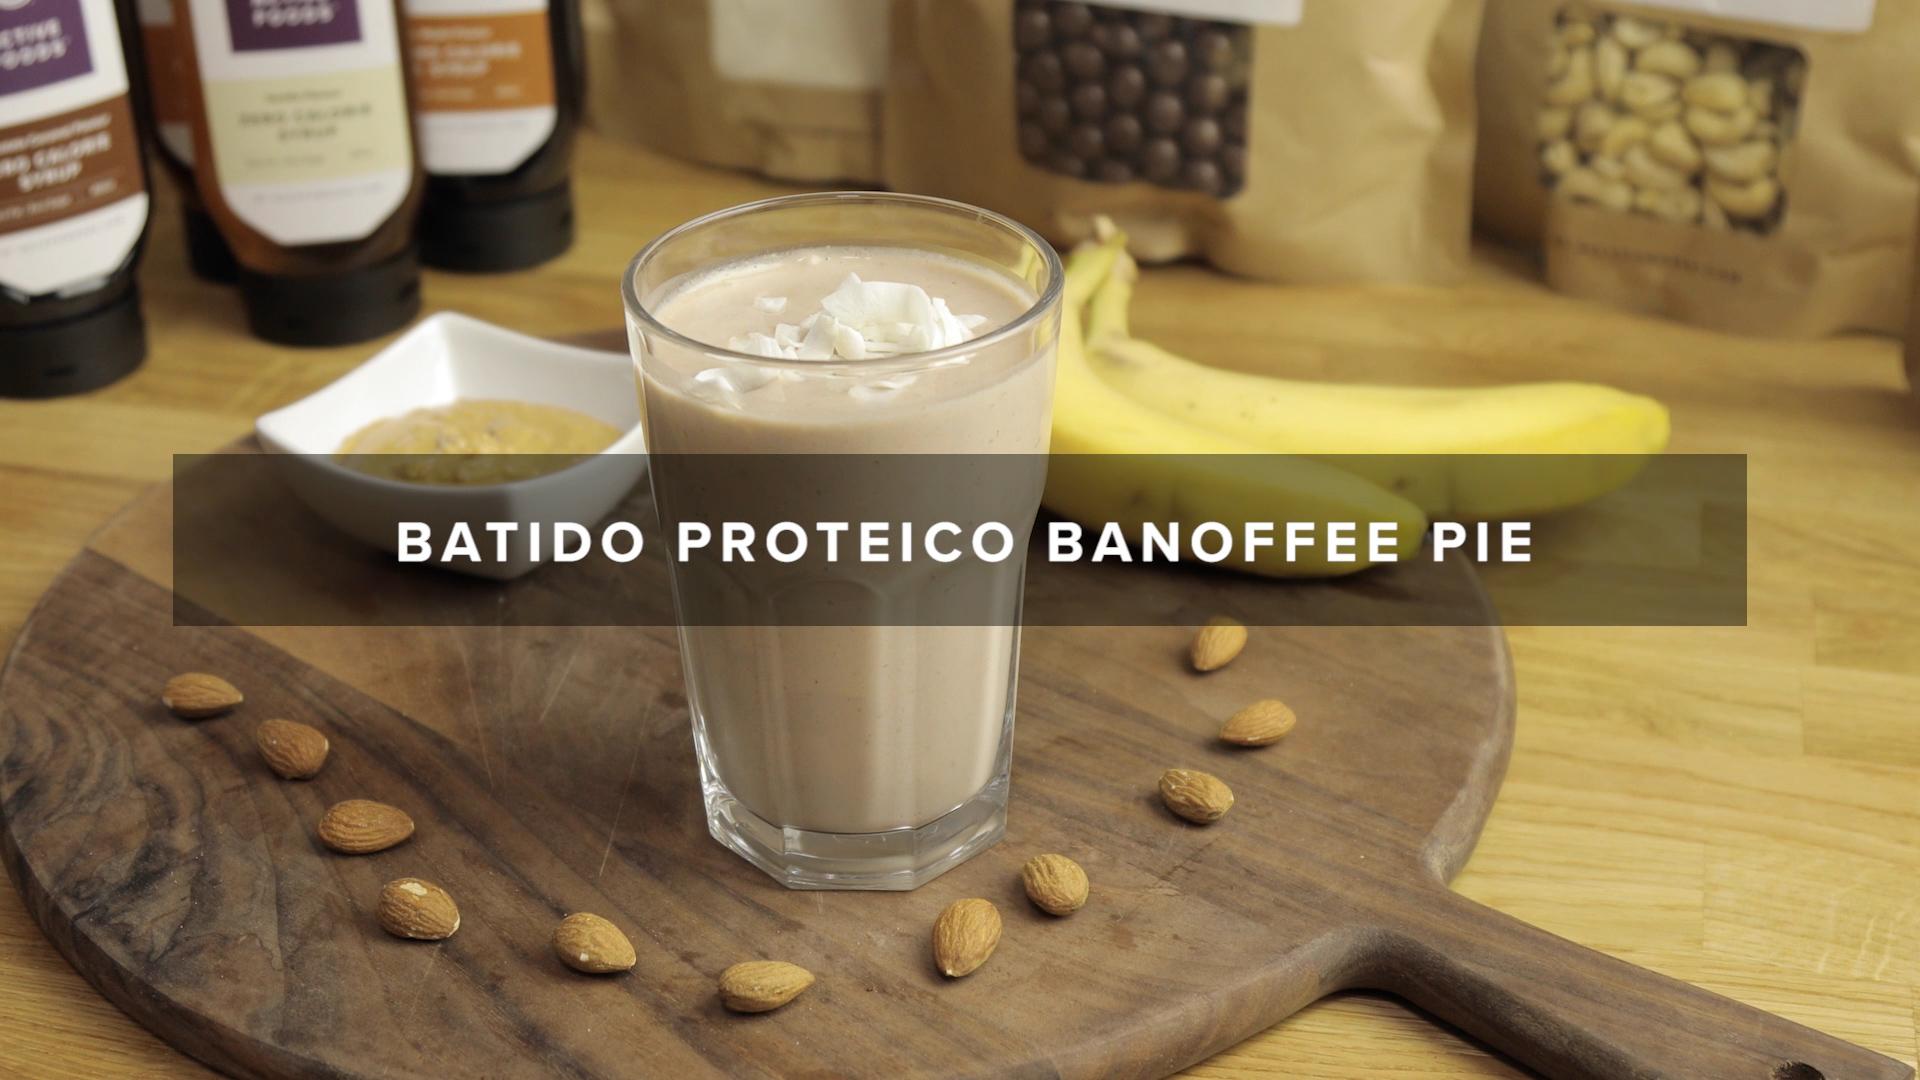 [VÍDEO] RECEITA DE BATIDO PROTEICO BANOFFEE PIE